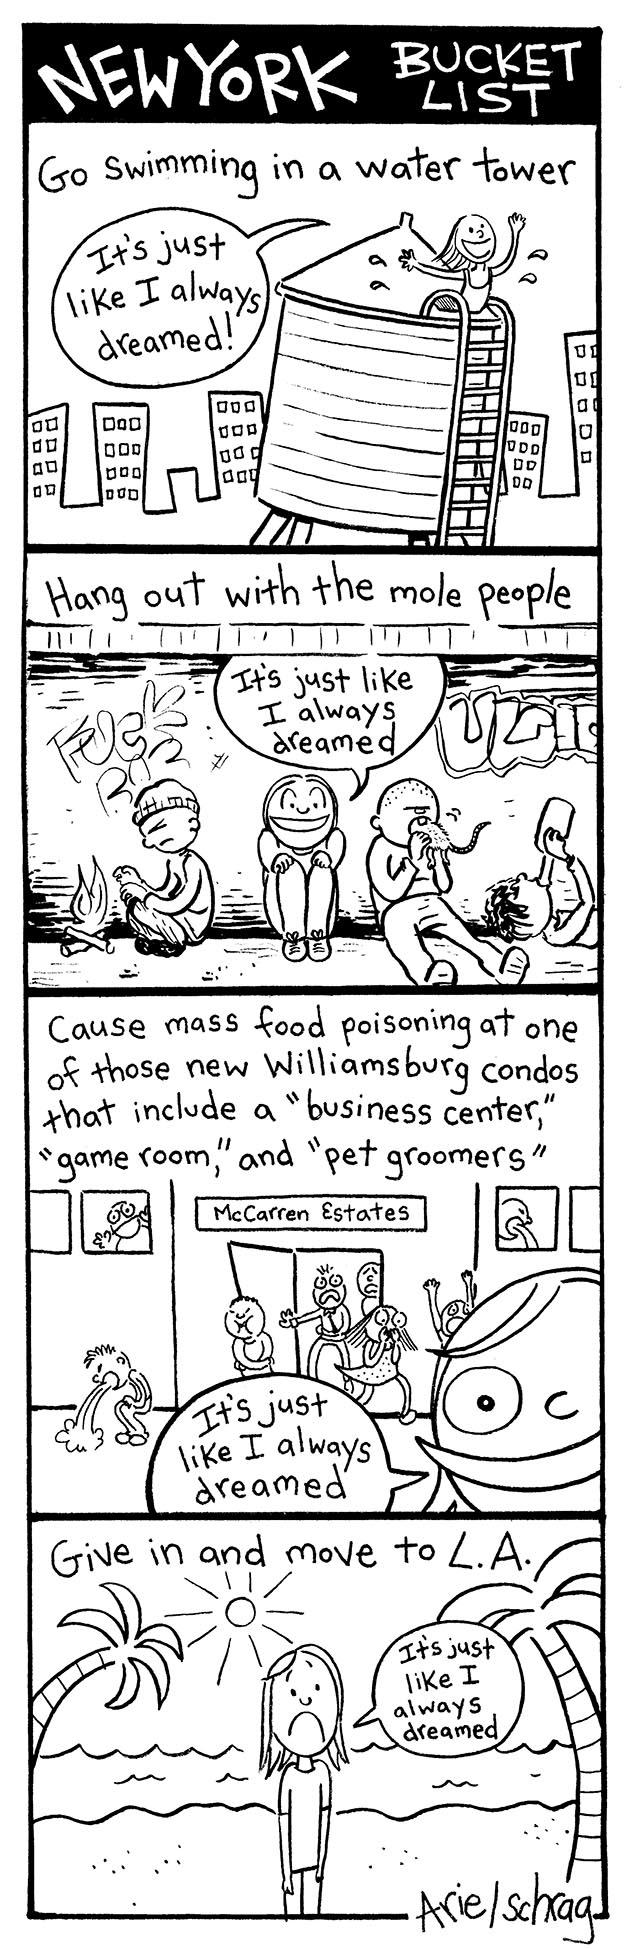 Cartoonist Ariel Schrag's New York Bucket List